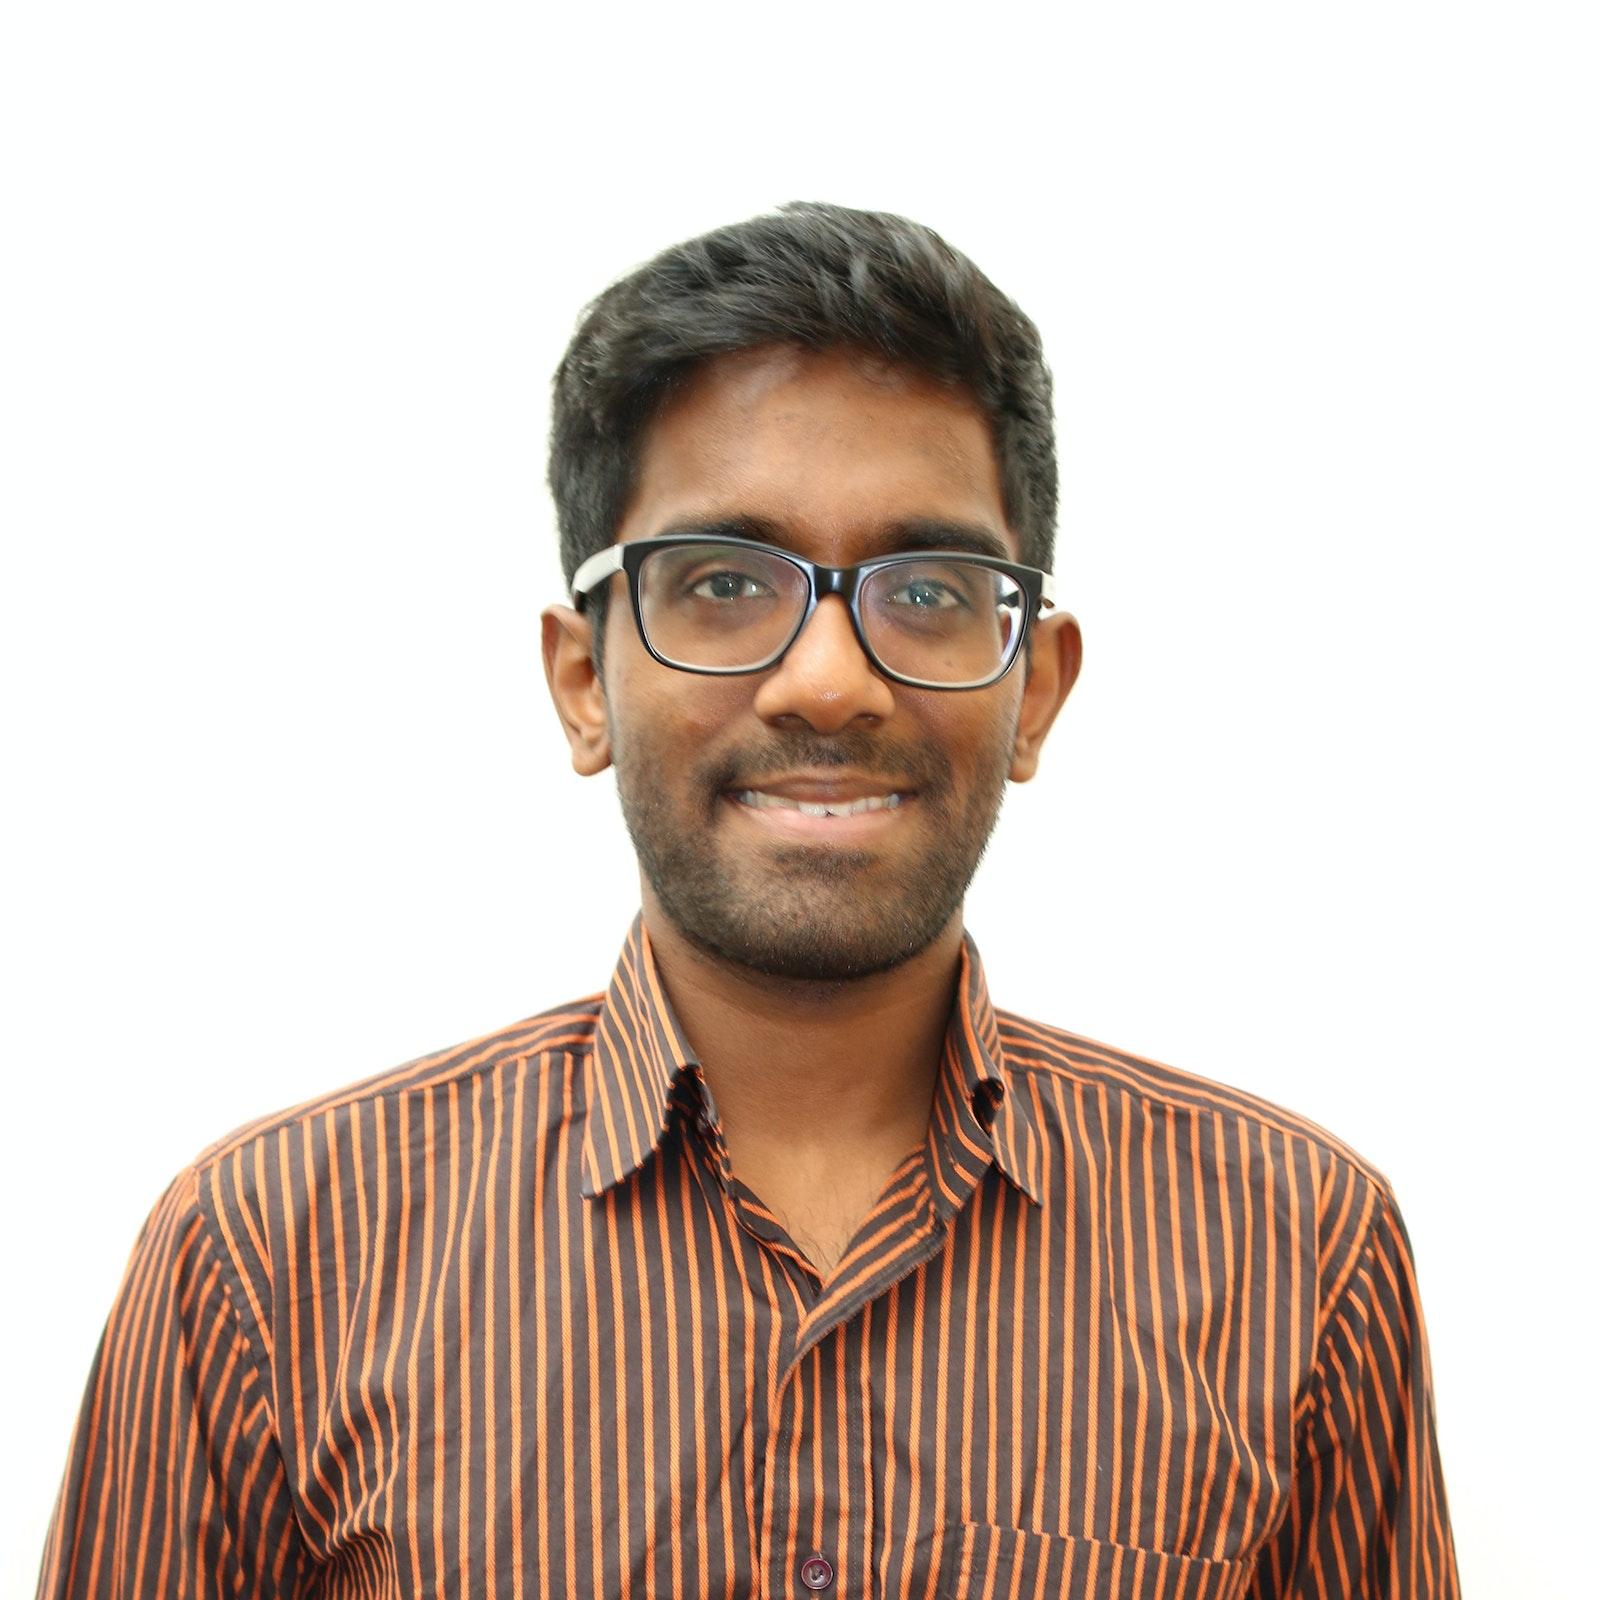 Karthik Chellappan